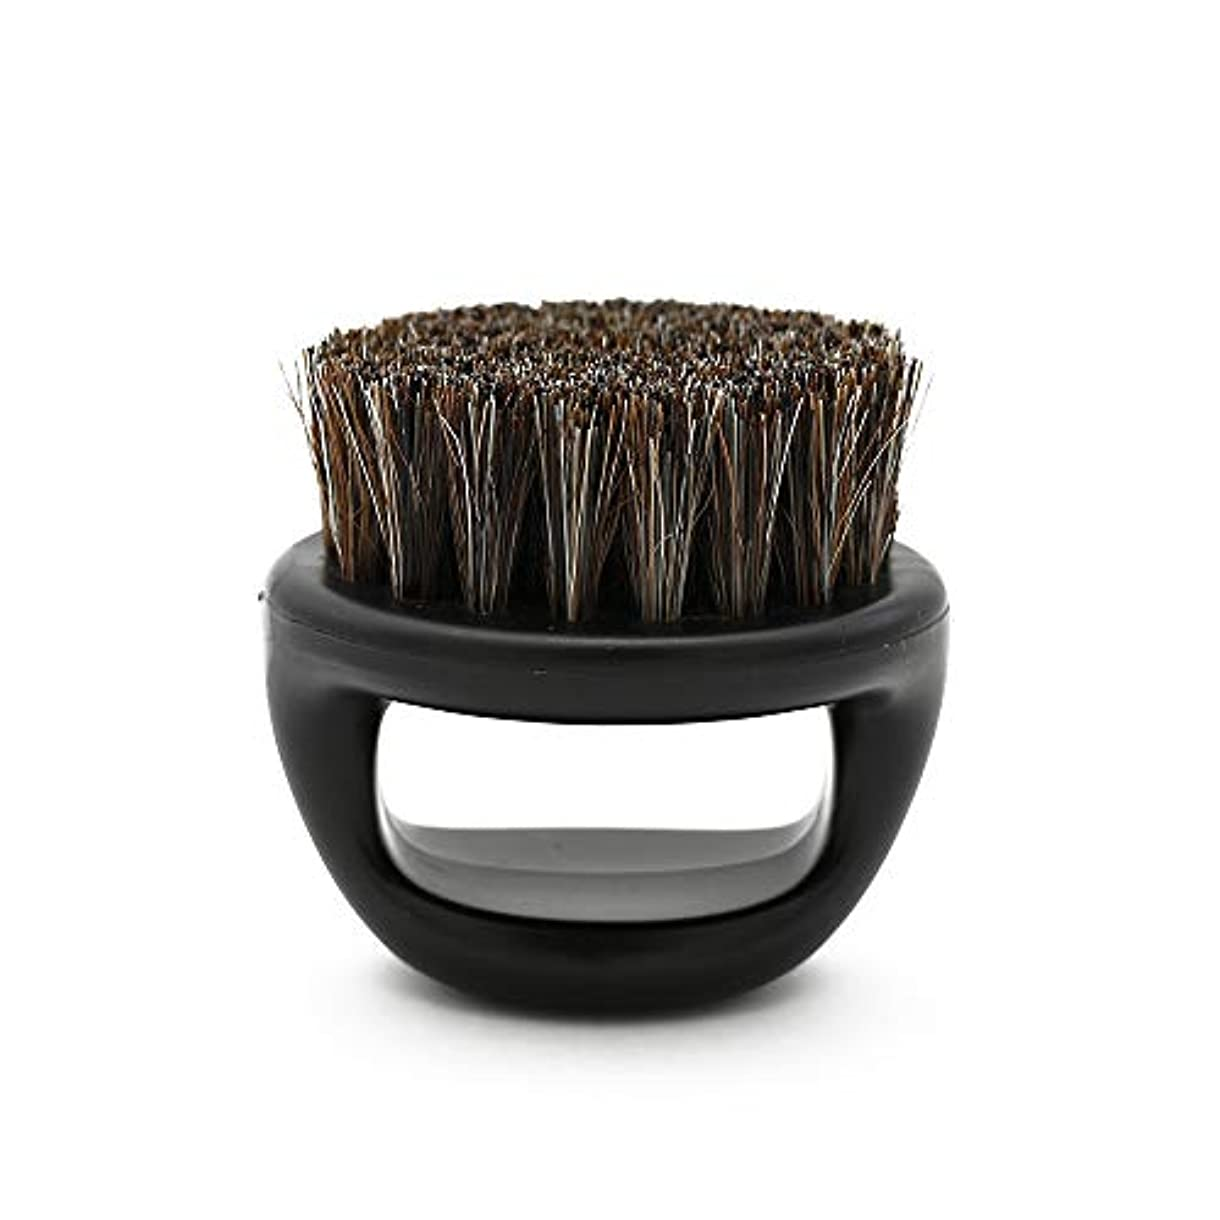 モンゴメリー原油薬局Naliovker 1個リングデザイン馬毛メンズシェービングブラシプラスチック製の可搬式理容ひげブラシサロンフェイスクリーニングかみそりブラシ(ブラック)